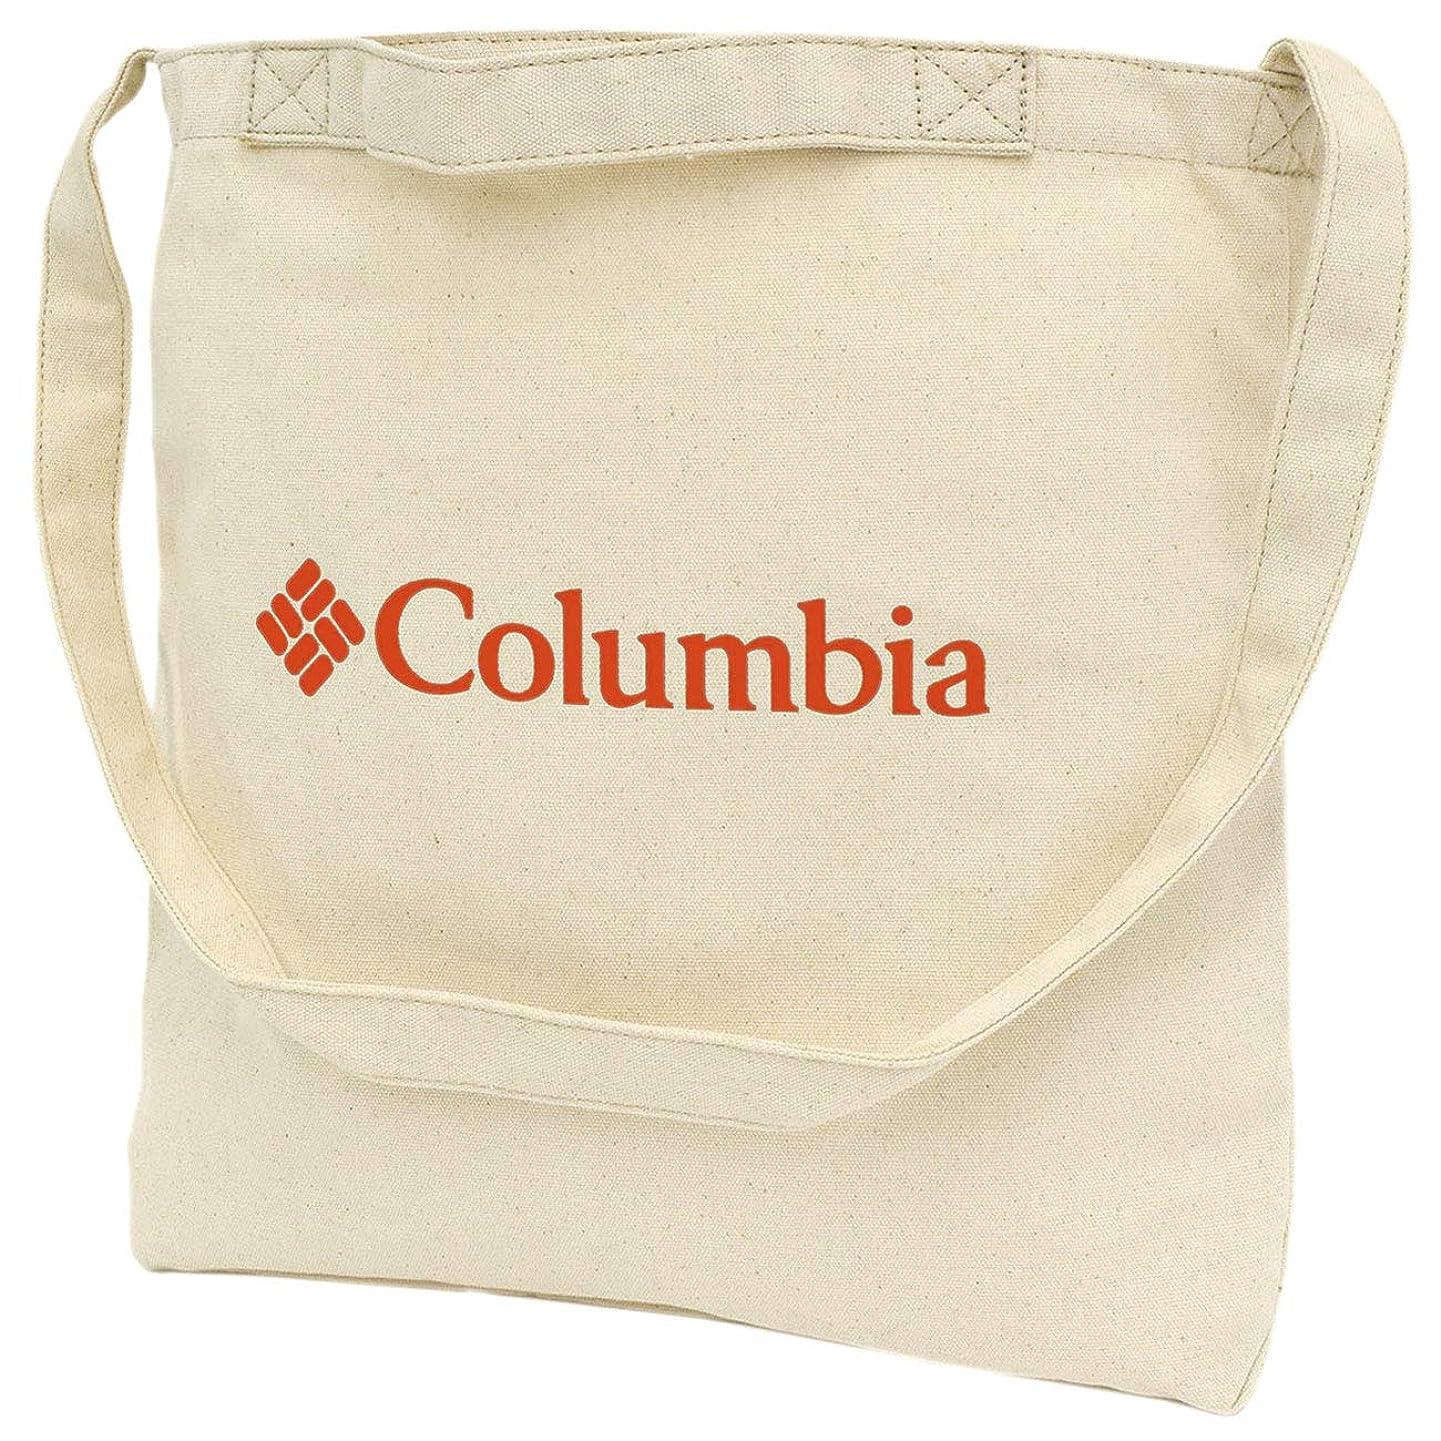 蜂浸す放射能[コロンビア] ショルダーバッグ ティプトン クレスト ショルダー トート バッグ